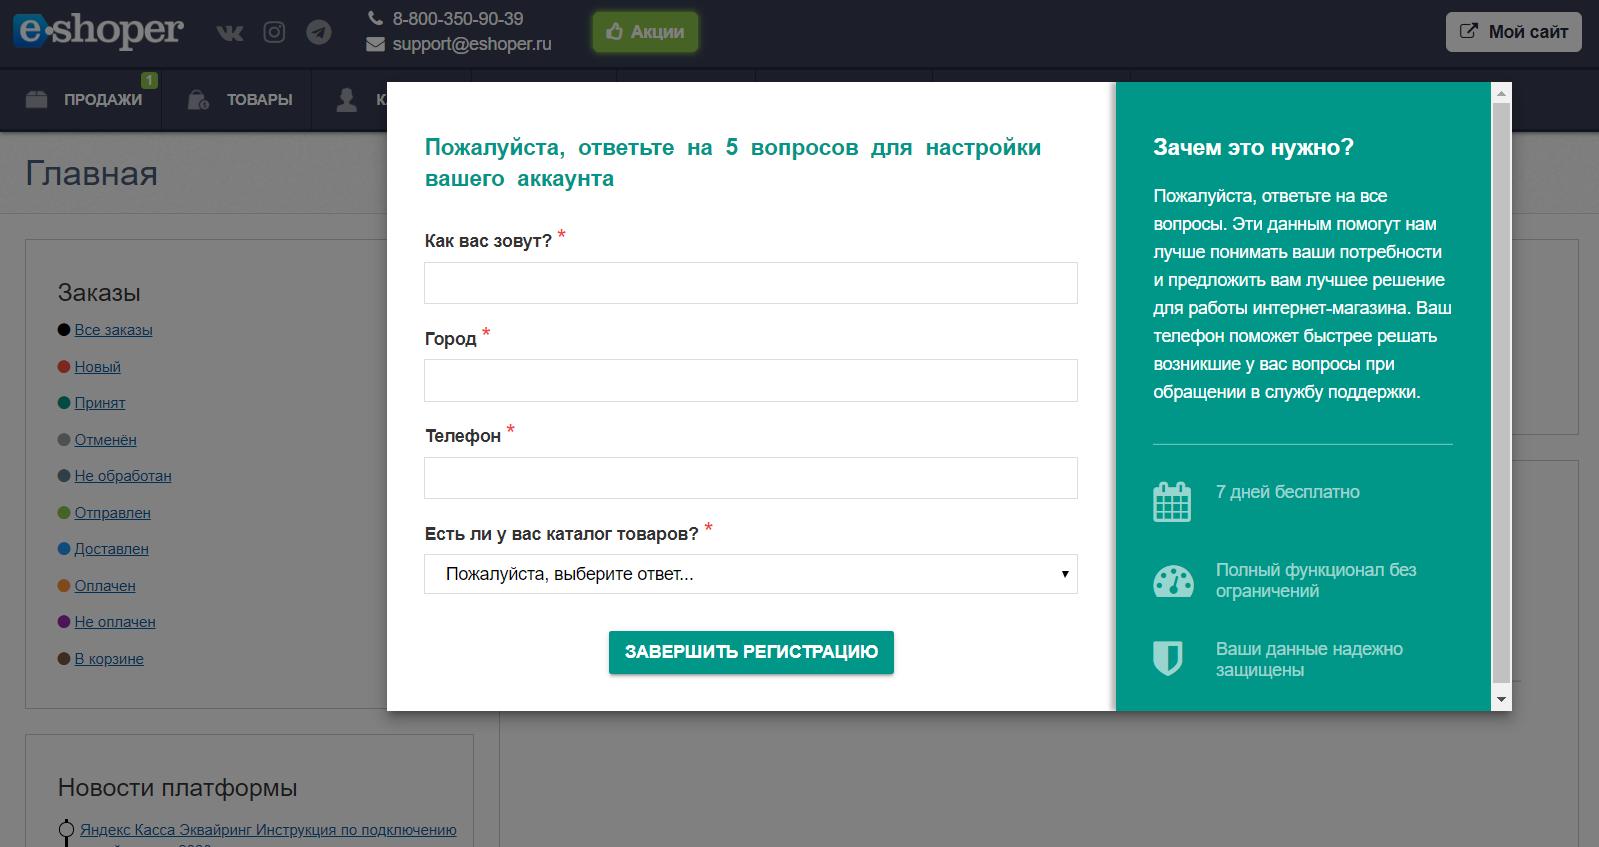 Создать интернет магазин на платформе Ешопер